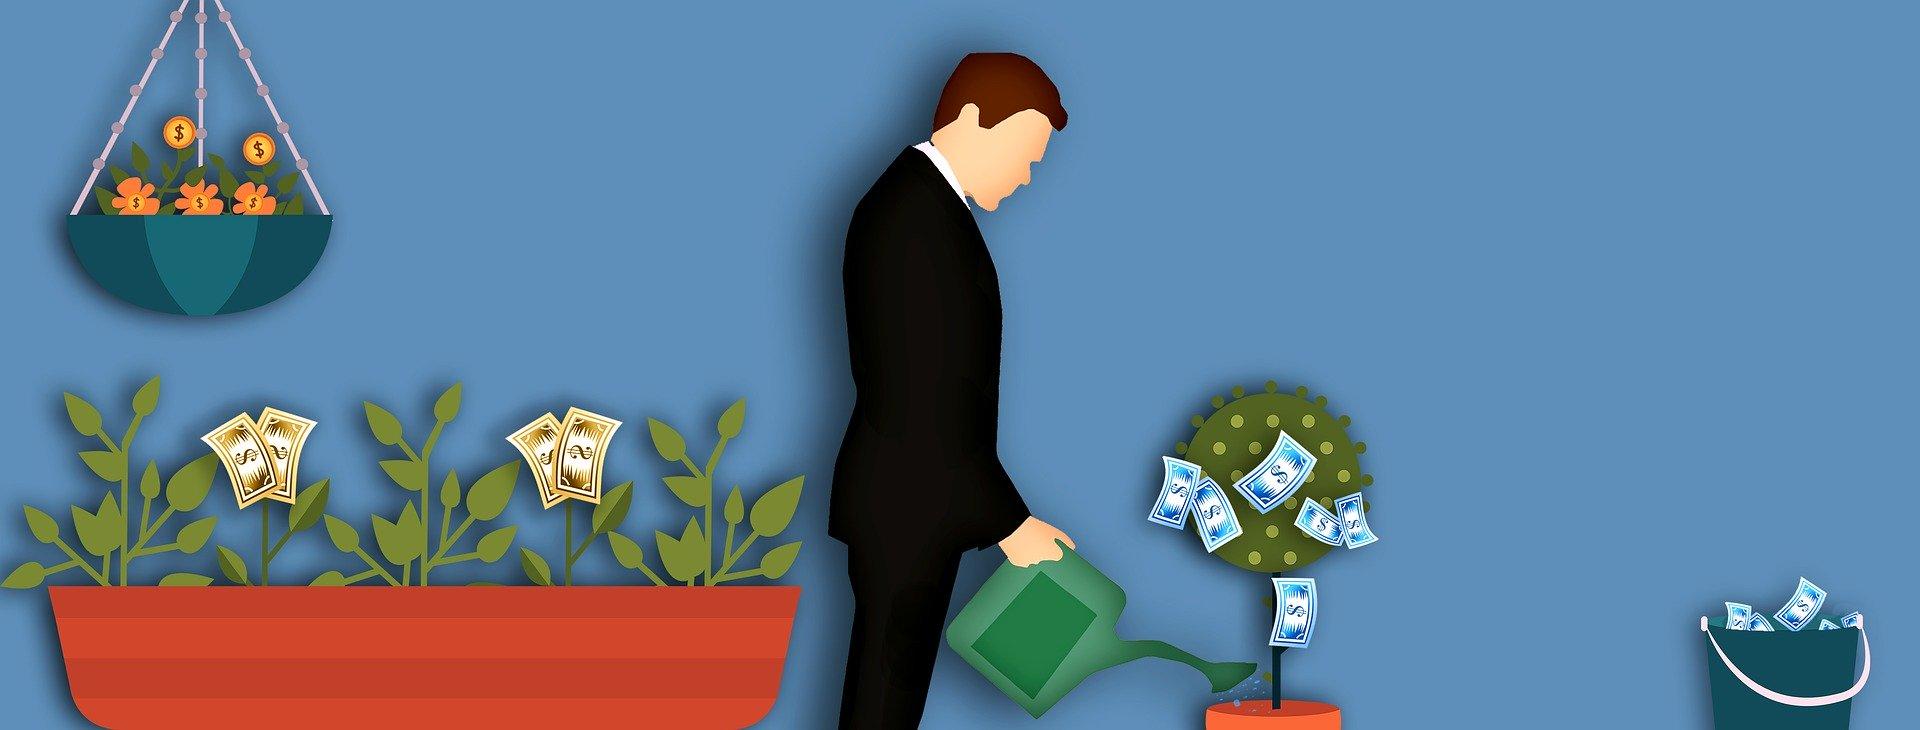 [Produkty] Gwarancja bankowa jako forma zabezpieczenia dla start-upów oraz PISP i AIS